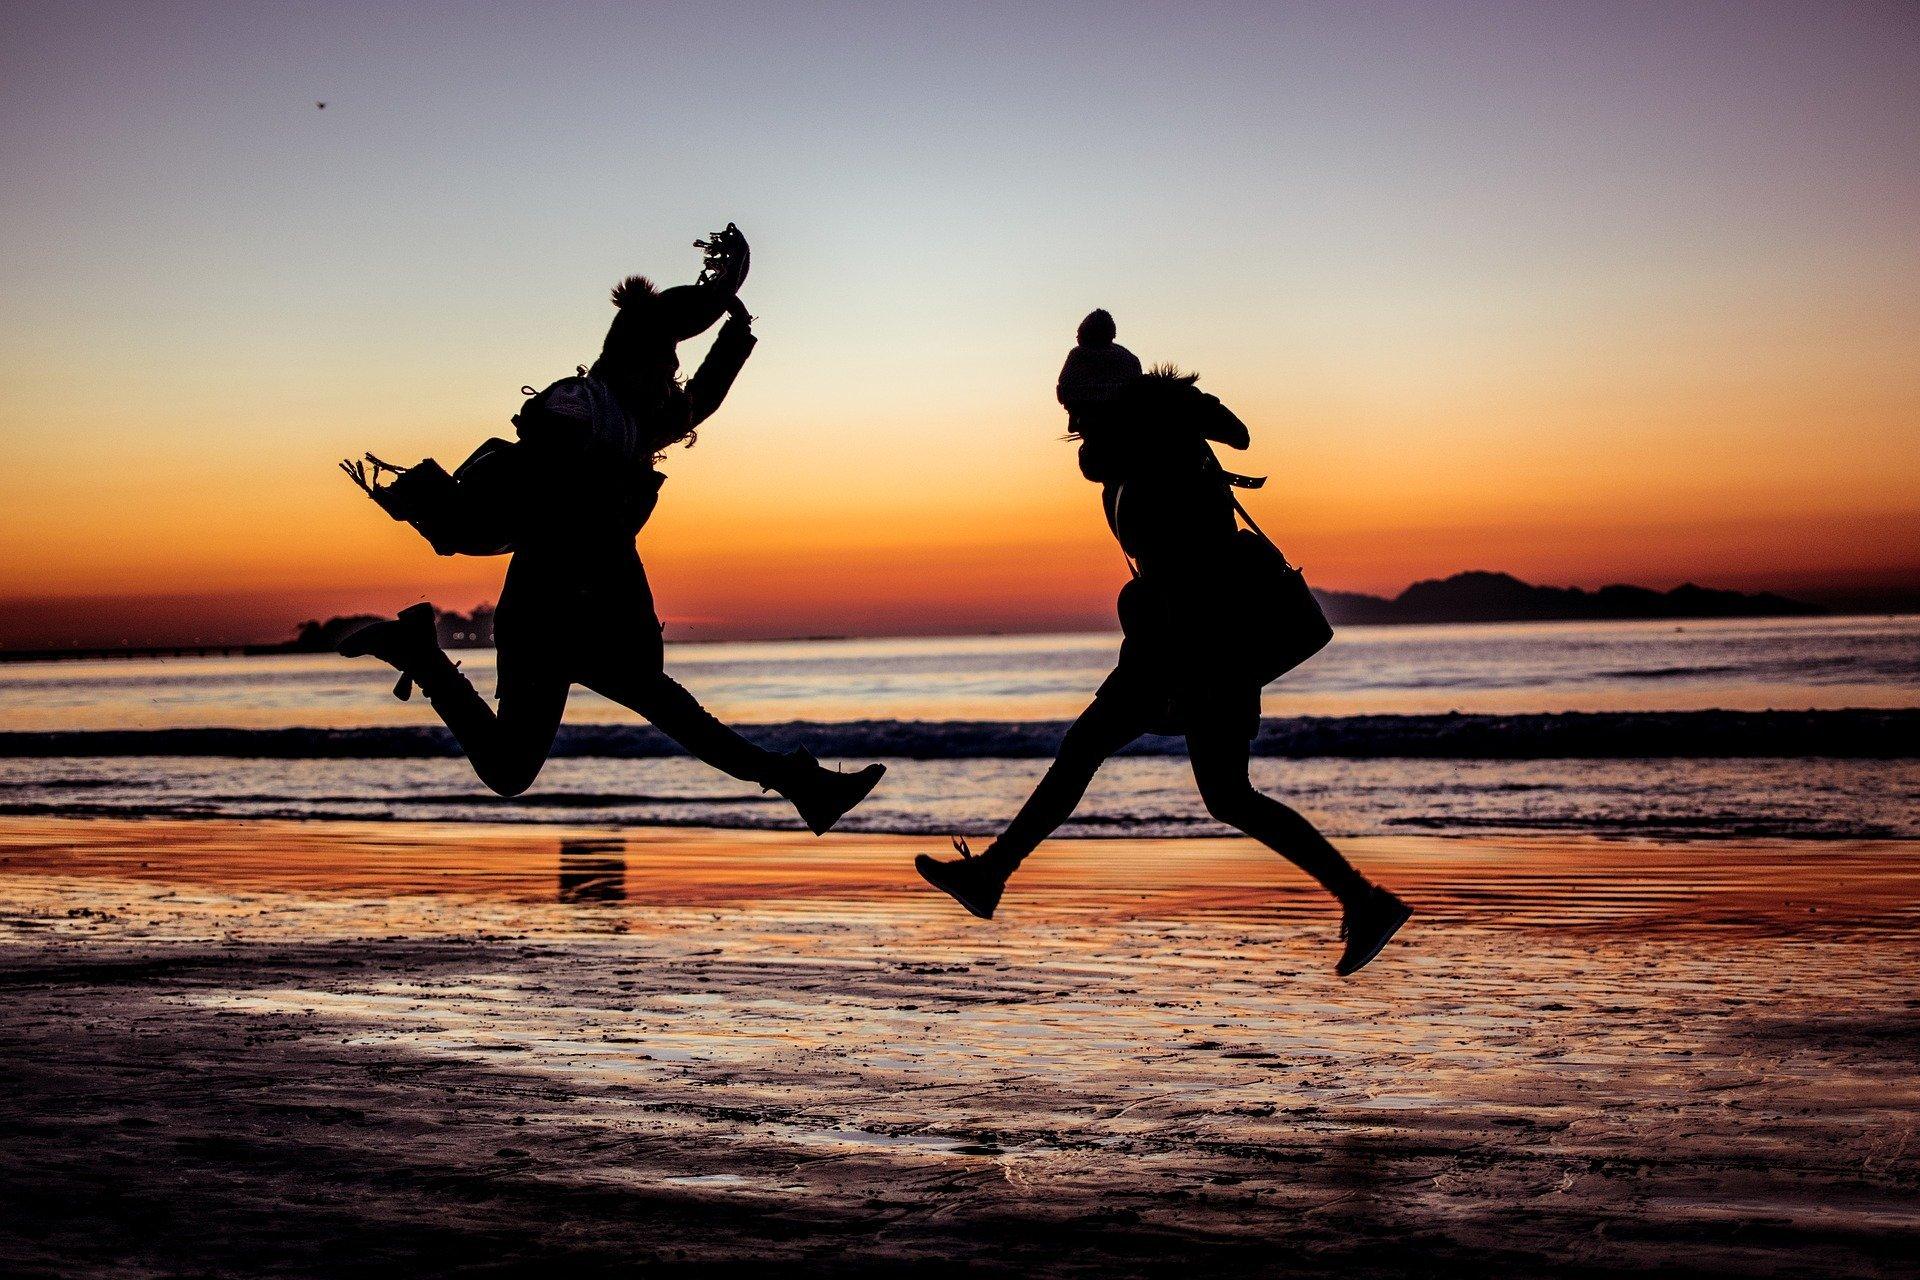 amiche al tramonto in riva al mare che saltano e giocano tra di loro